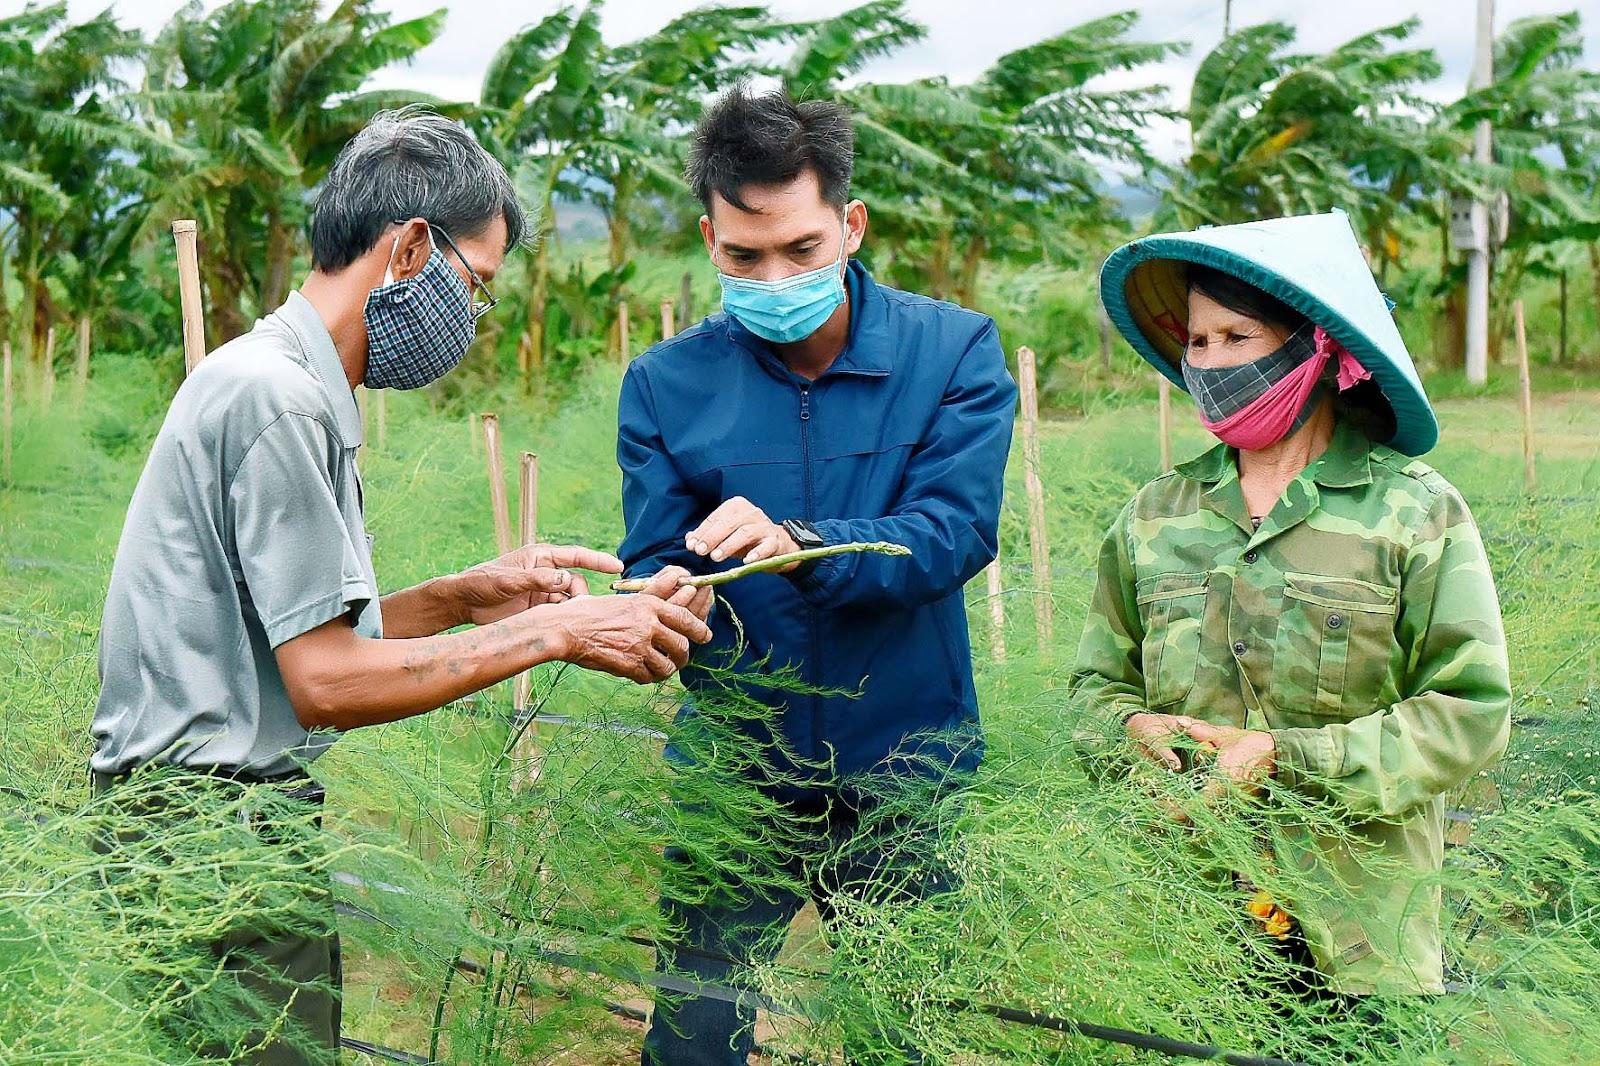 6. Theo ông Nguyễn Văn Minh (thôn Tân Phong, xã Tân An), gia đình ông trồng măng tây được 5 tháng, đến nay đã cho thu hoạch. Mỗi ngày thu từ 4-5 kg, giá bán dao động từ 40-45 ngàn đồng/kg, mang lại nguồn thu cao gấp 2-3 lần các loại rau khác.